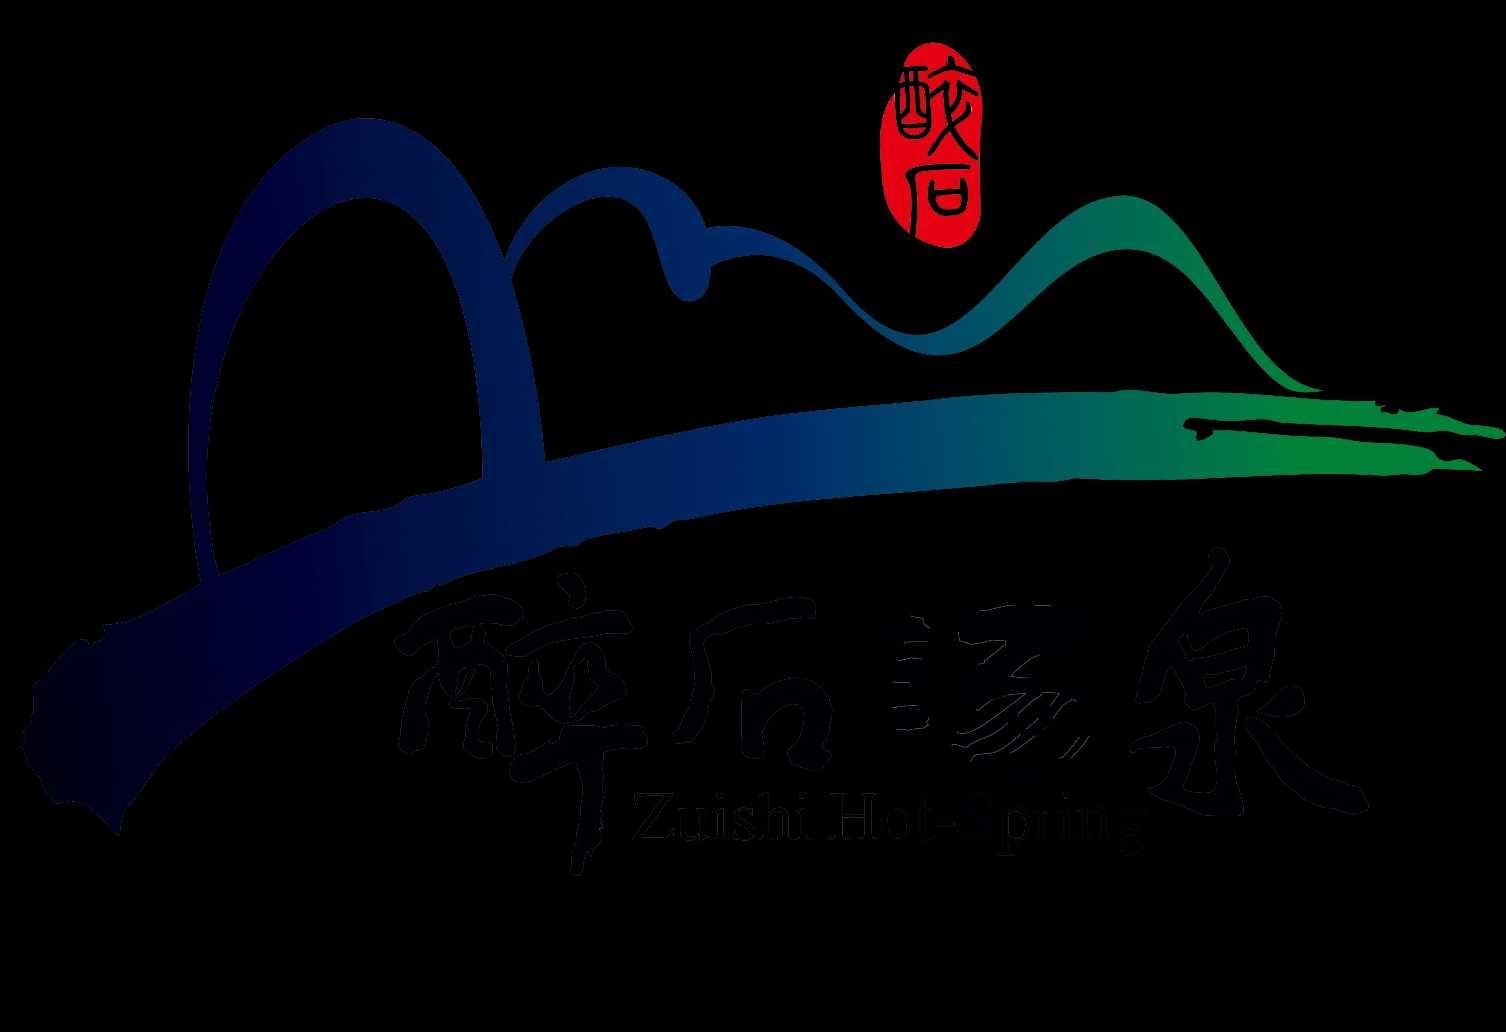 廬山市中復康醉石溫泉酒店有限公司招聘:行政、酒店水電工、前臺收銀員等多個崗位